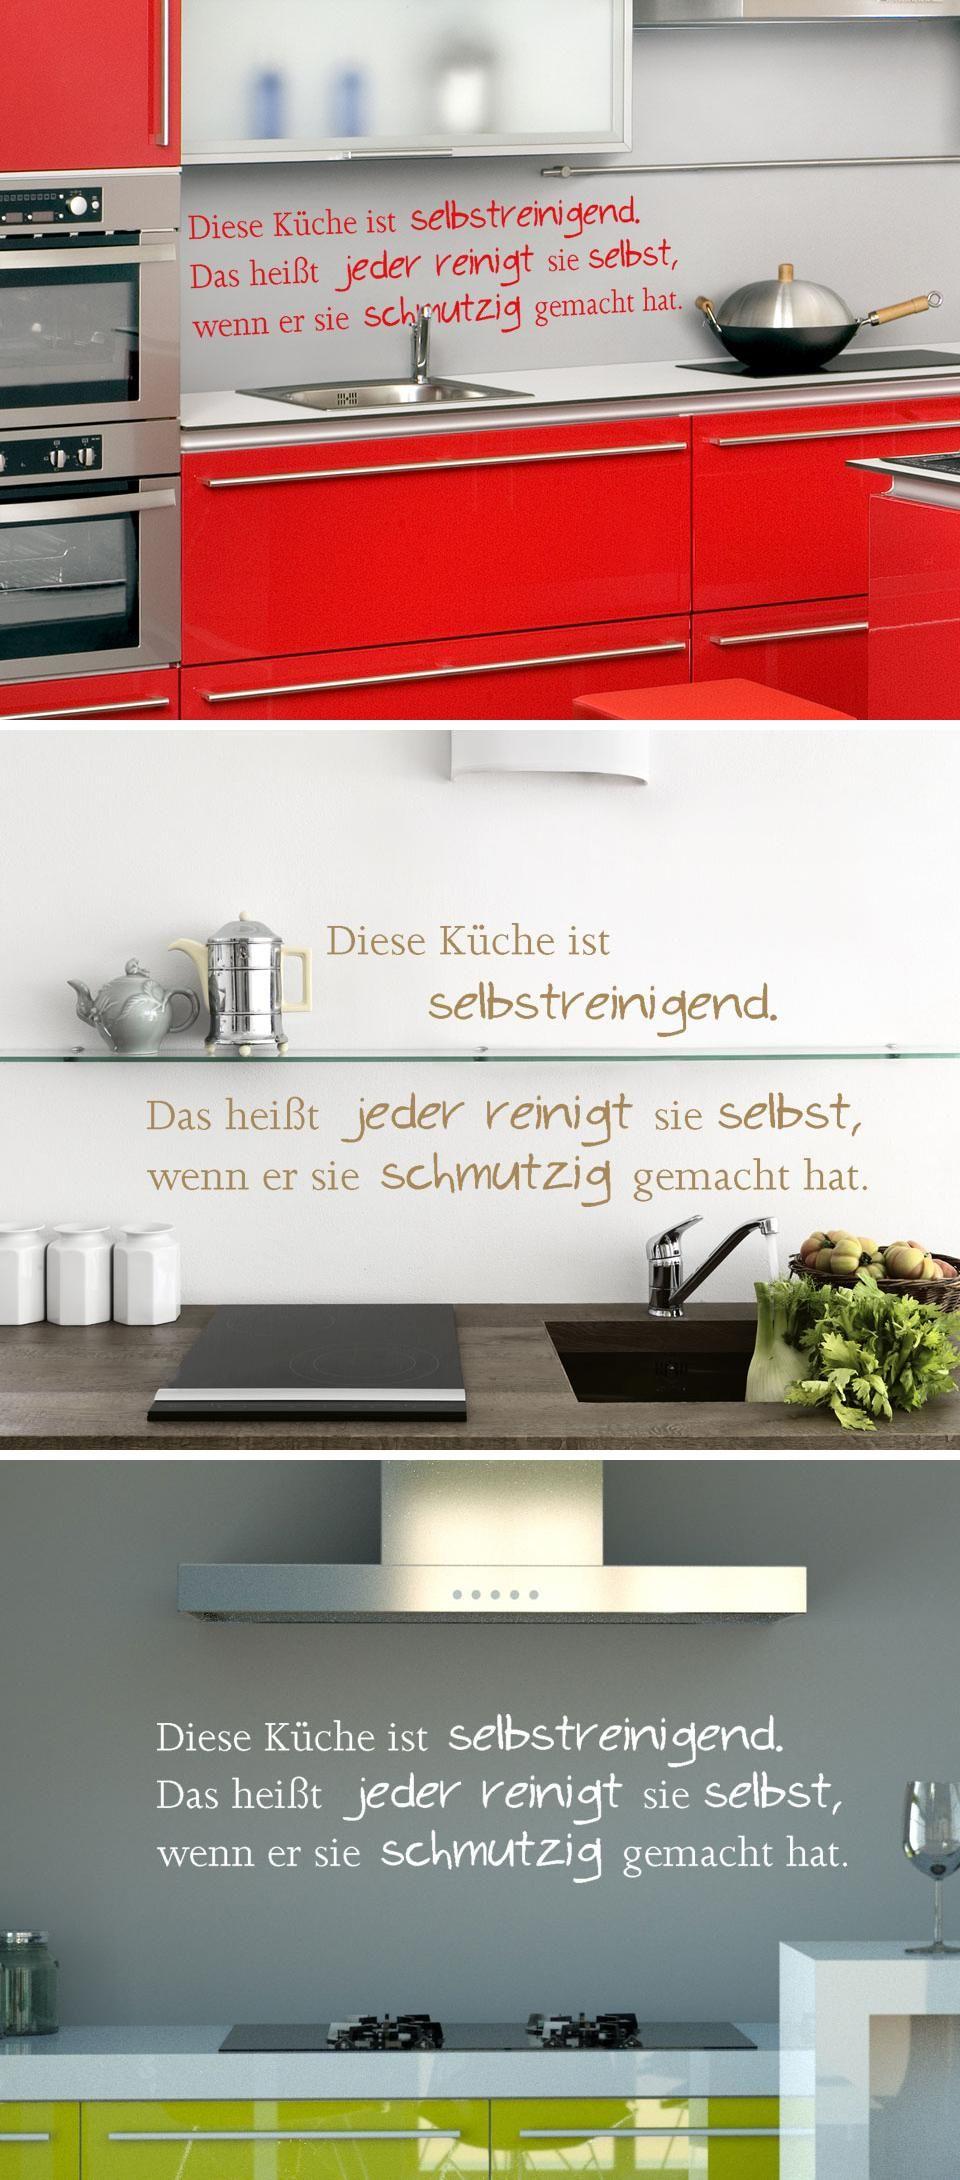 Selbstreinigende Küche   Wandtattoo Sprüche & Weisheiten ...